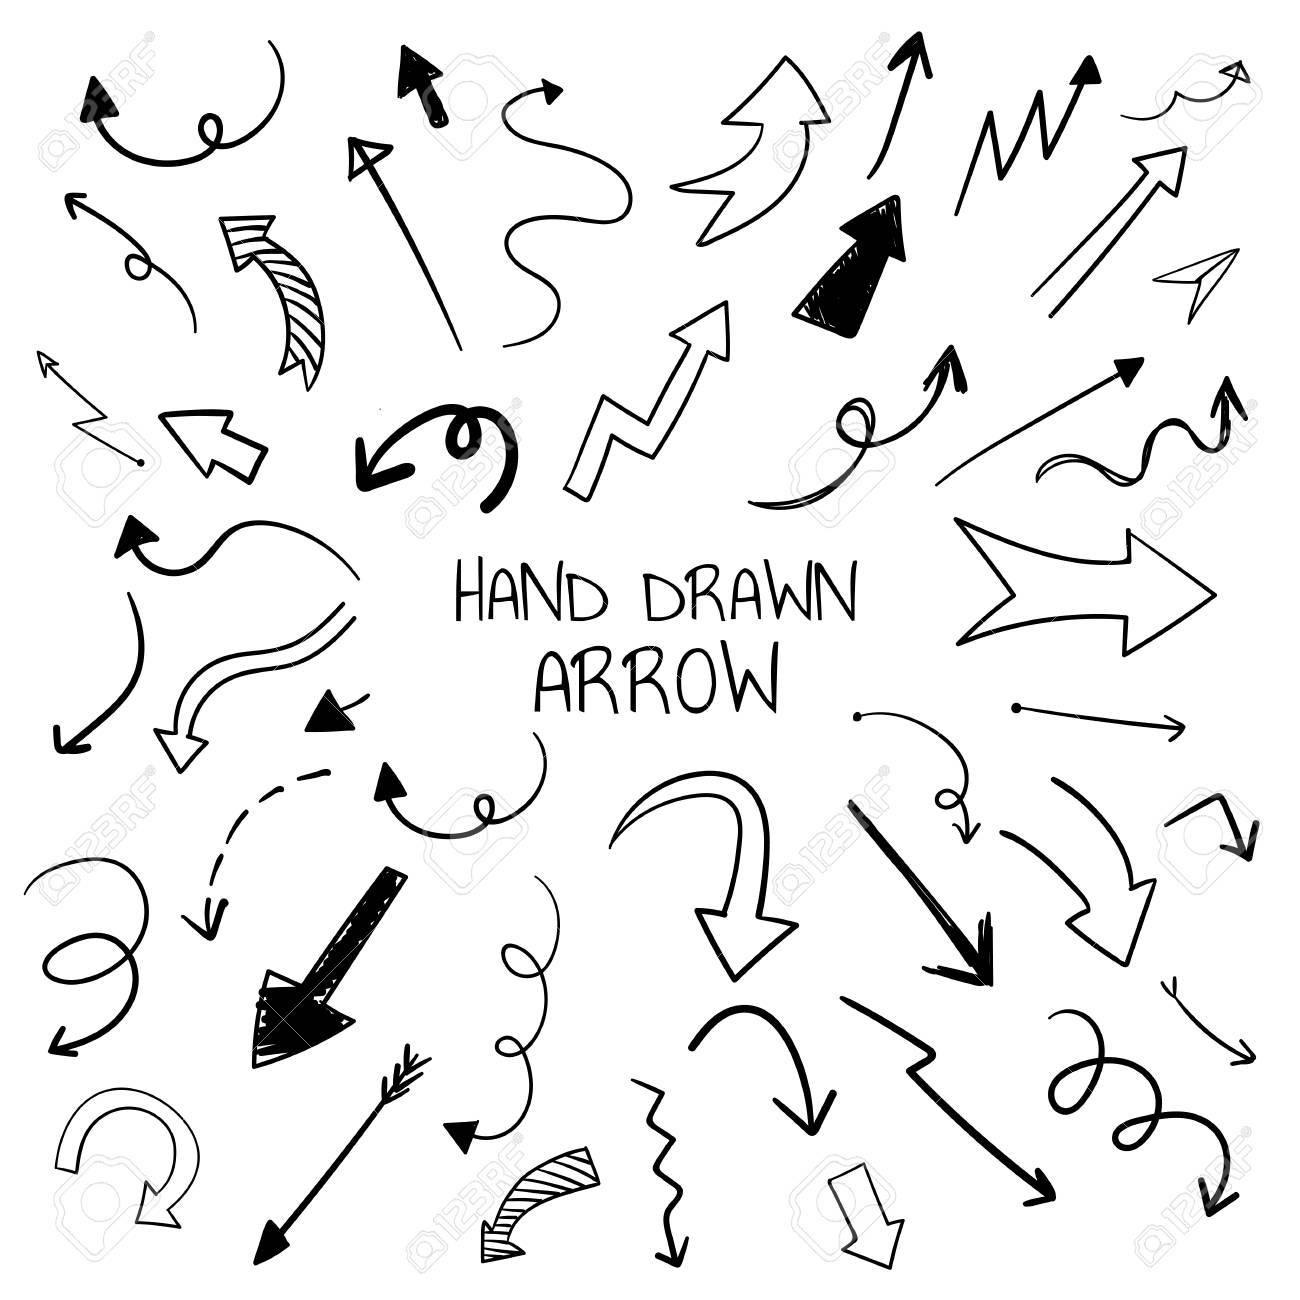 Hand-drawn doodle arrows vector set - 116996465